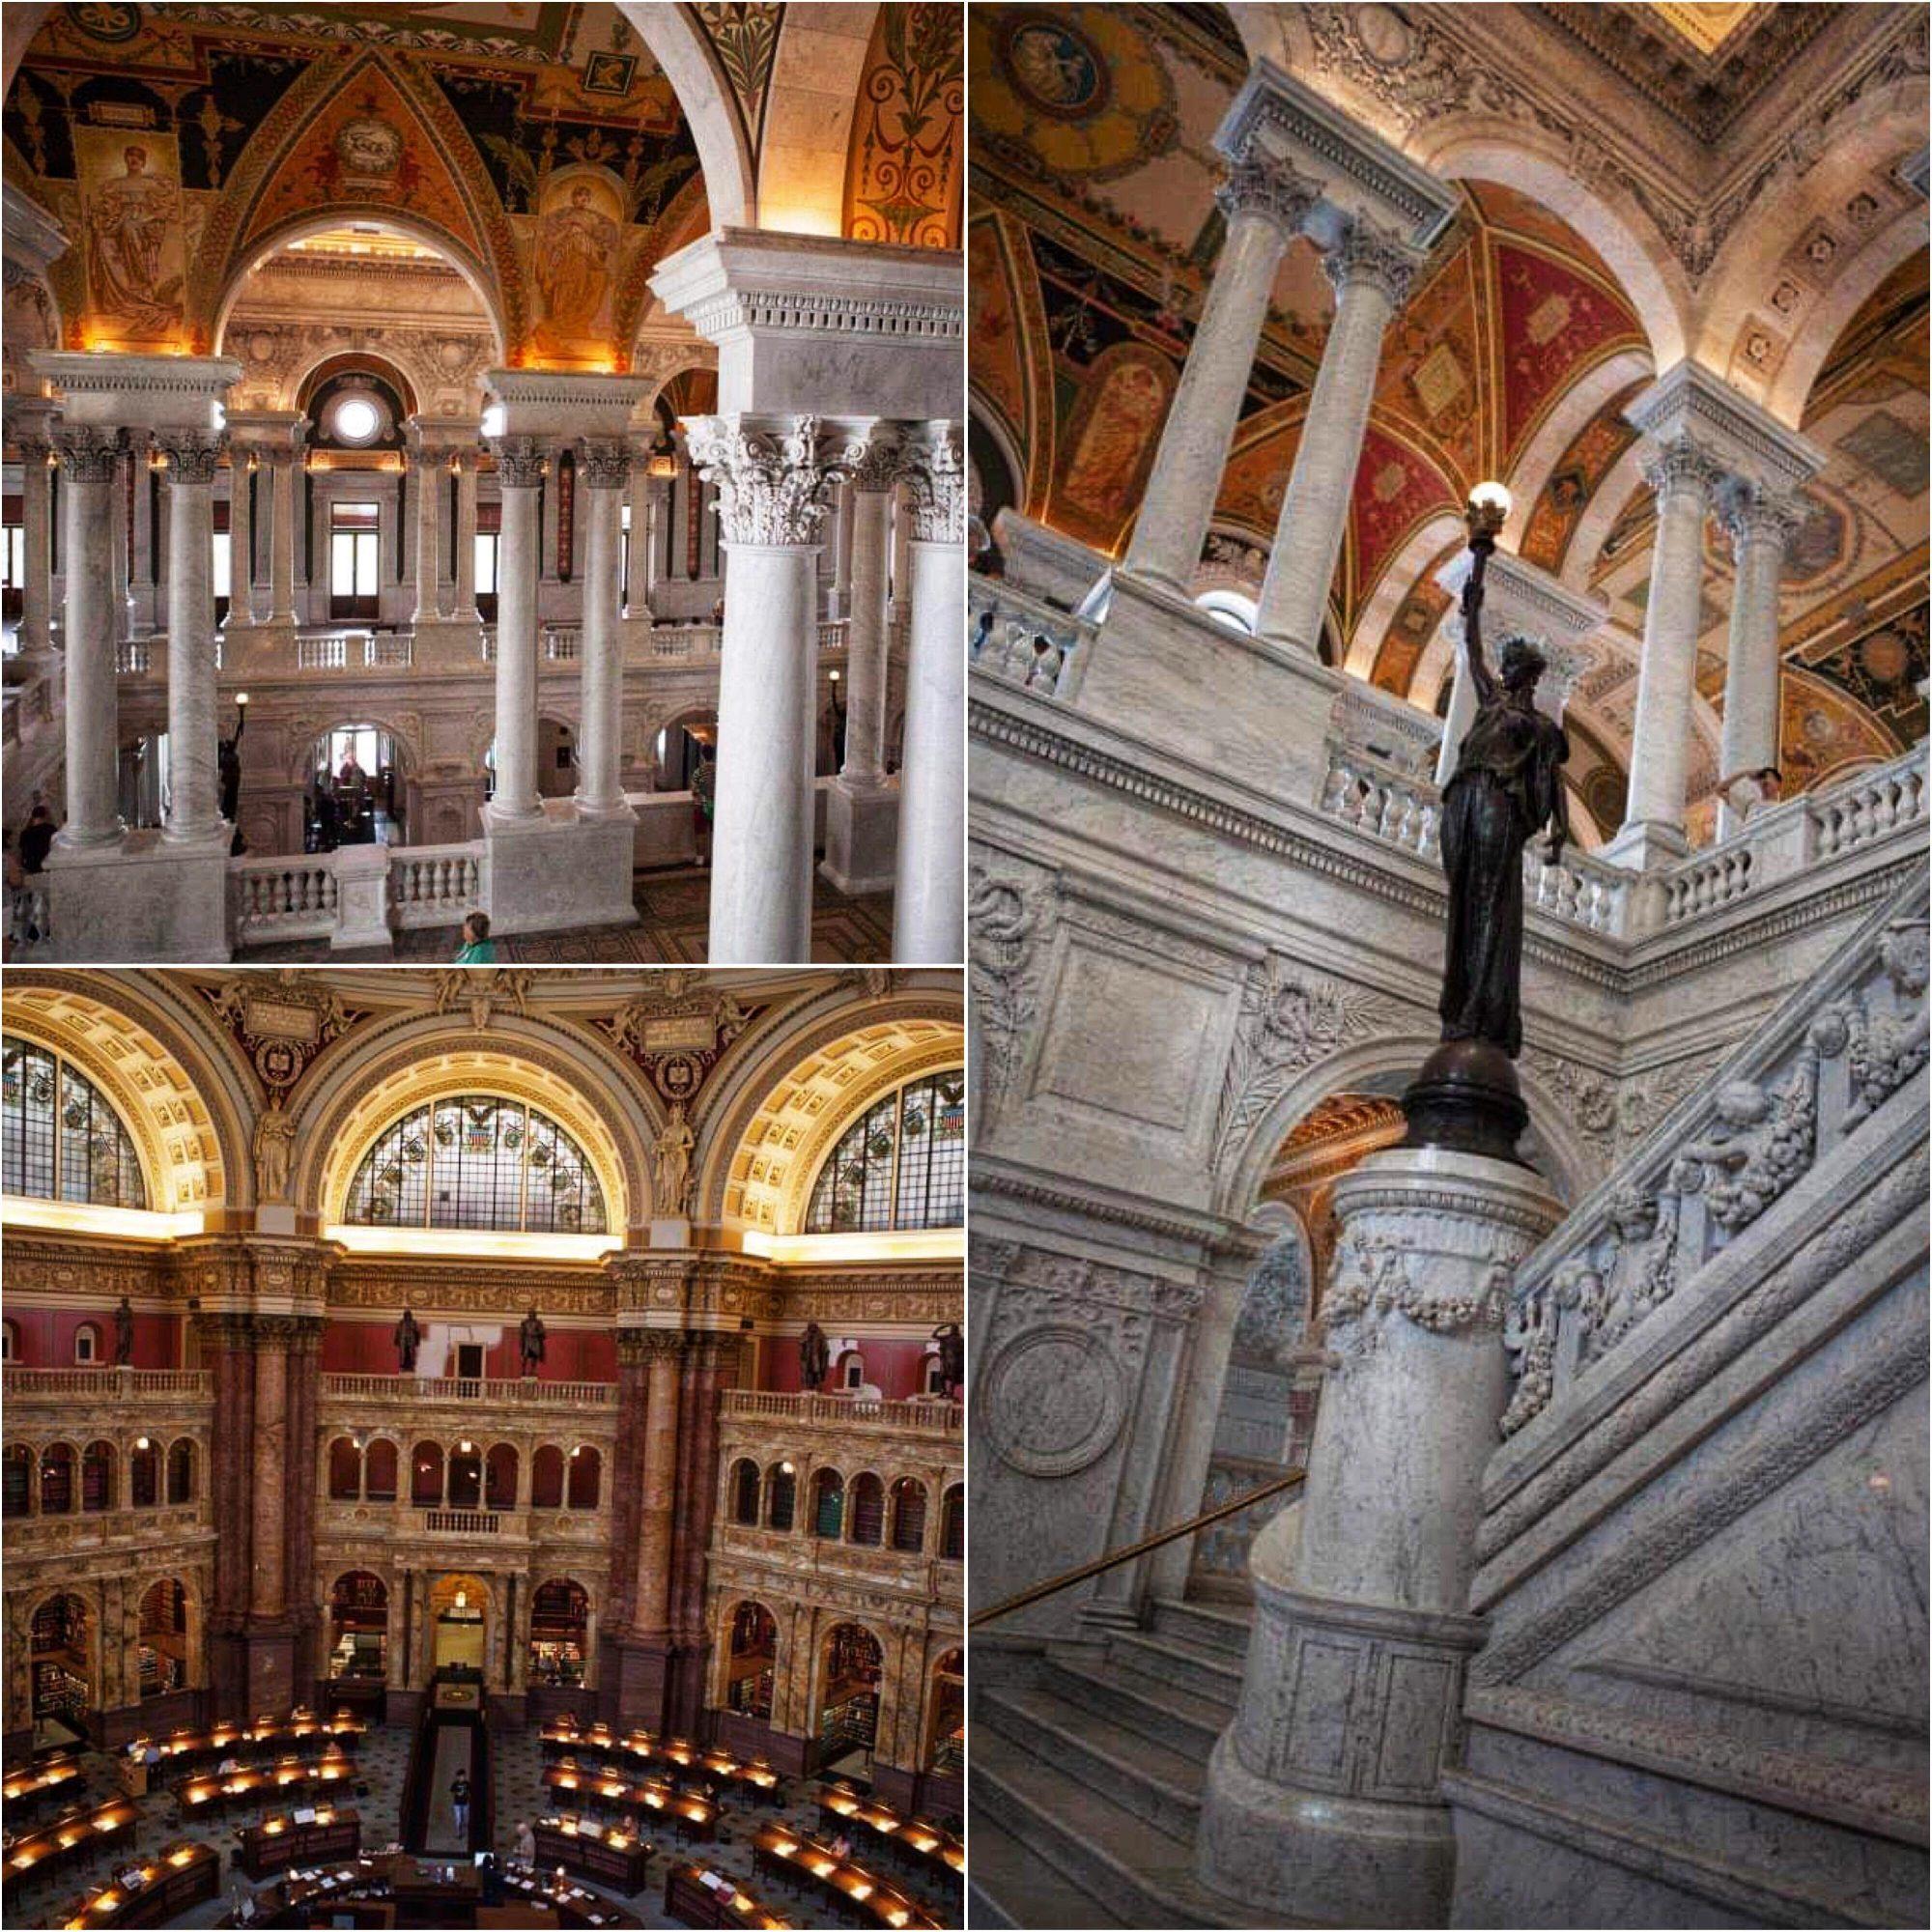 Bildecollage fra nasjonalbiblioteket. Store hvite marmor pilarer og røde/oransje malerier i taket.